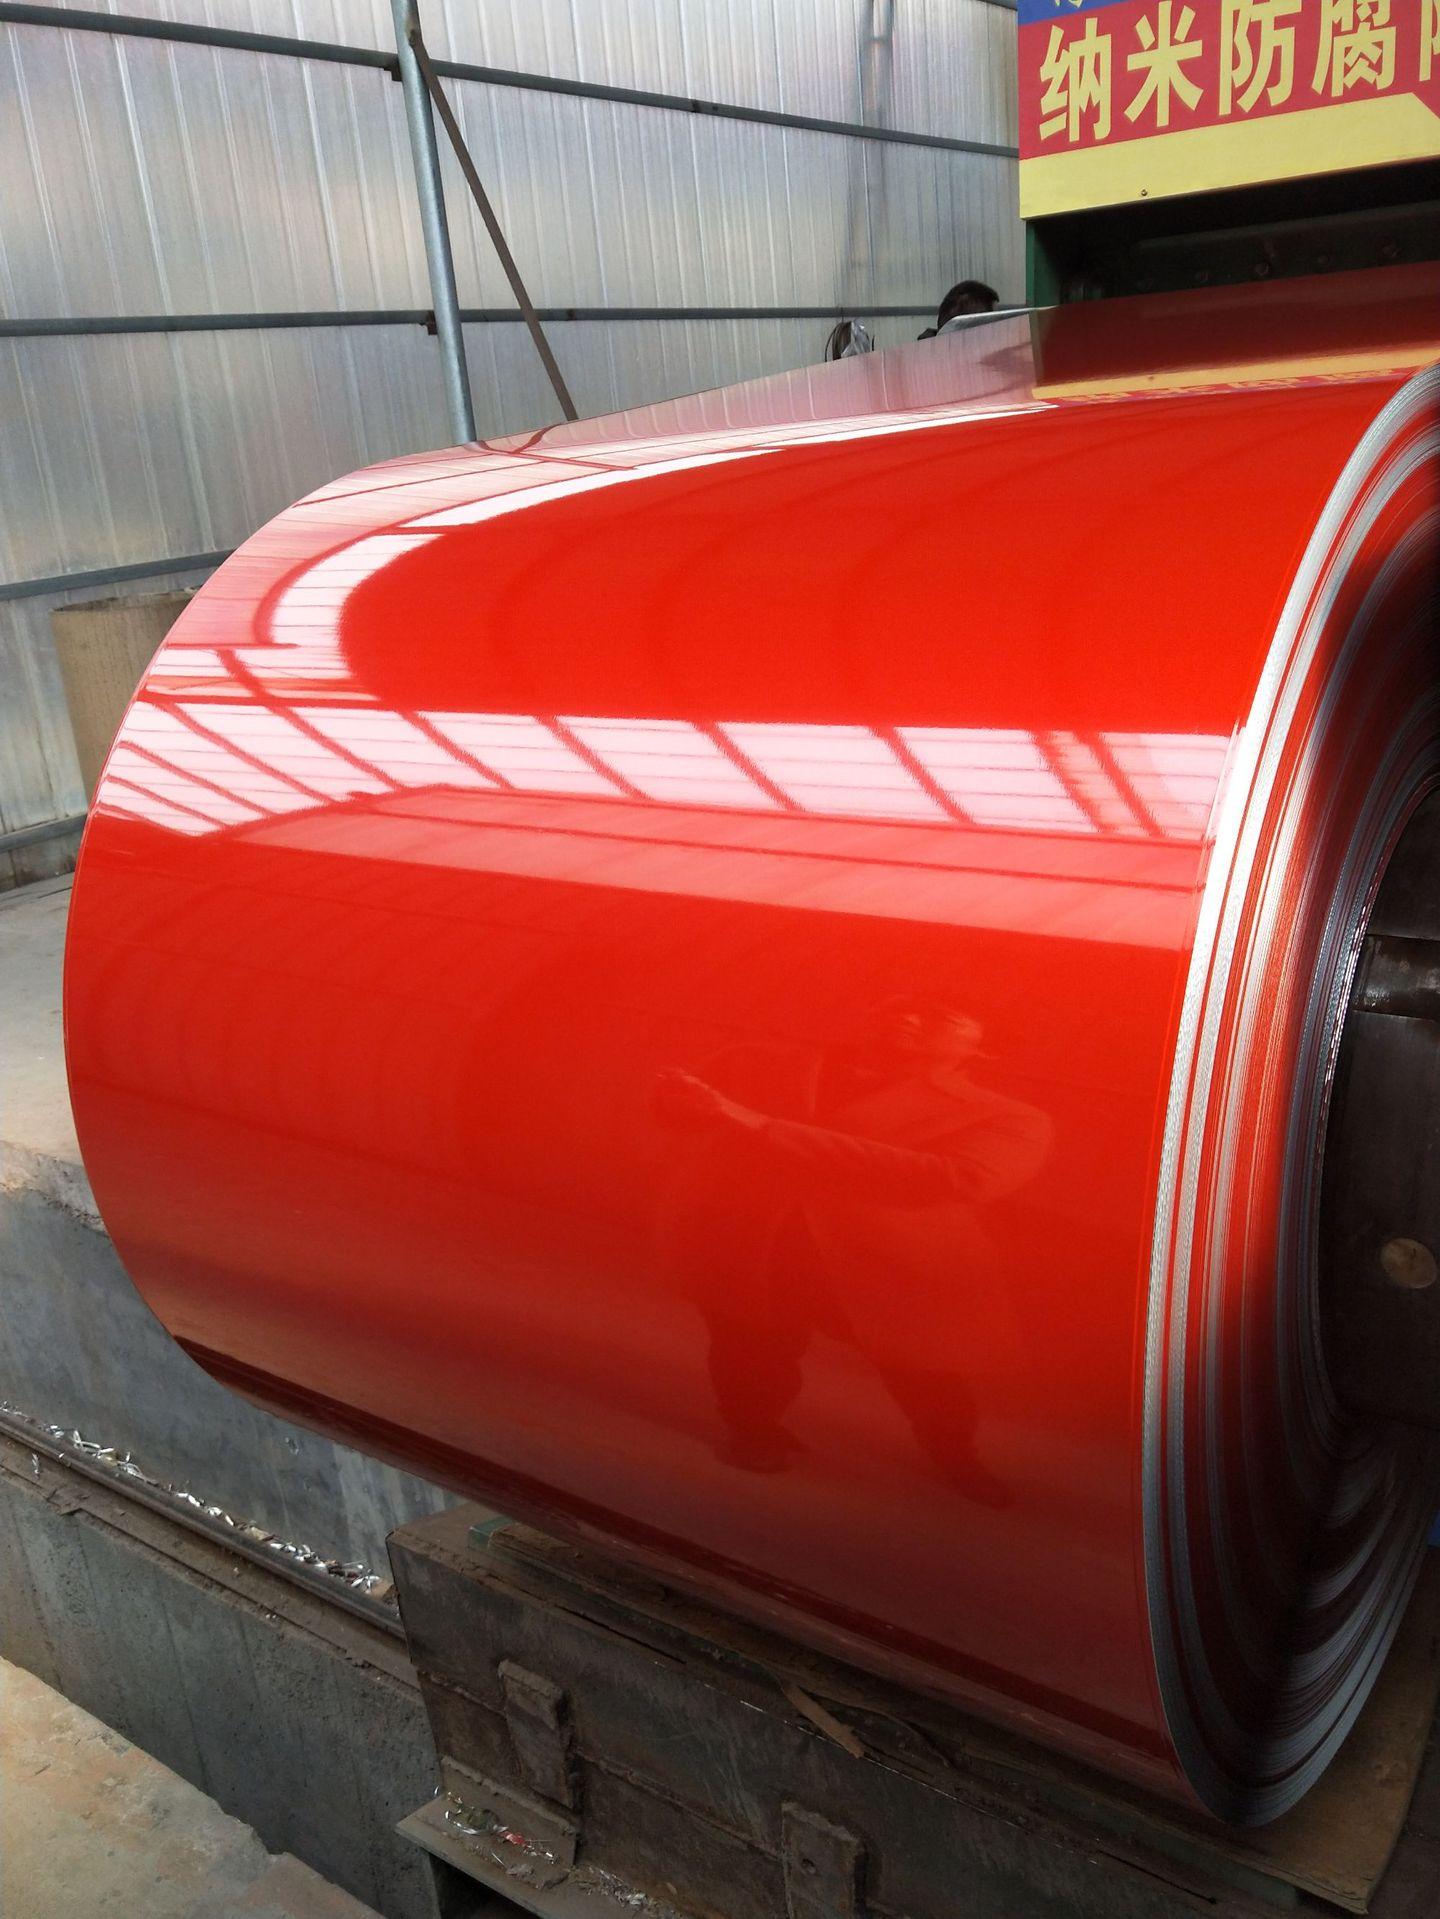 Mạ màu Nhà máy bán hàng trực tiếp chuyên sản xuất các tấm cách nhiệt chống ăn mòn tấm nano phủ màu